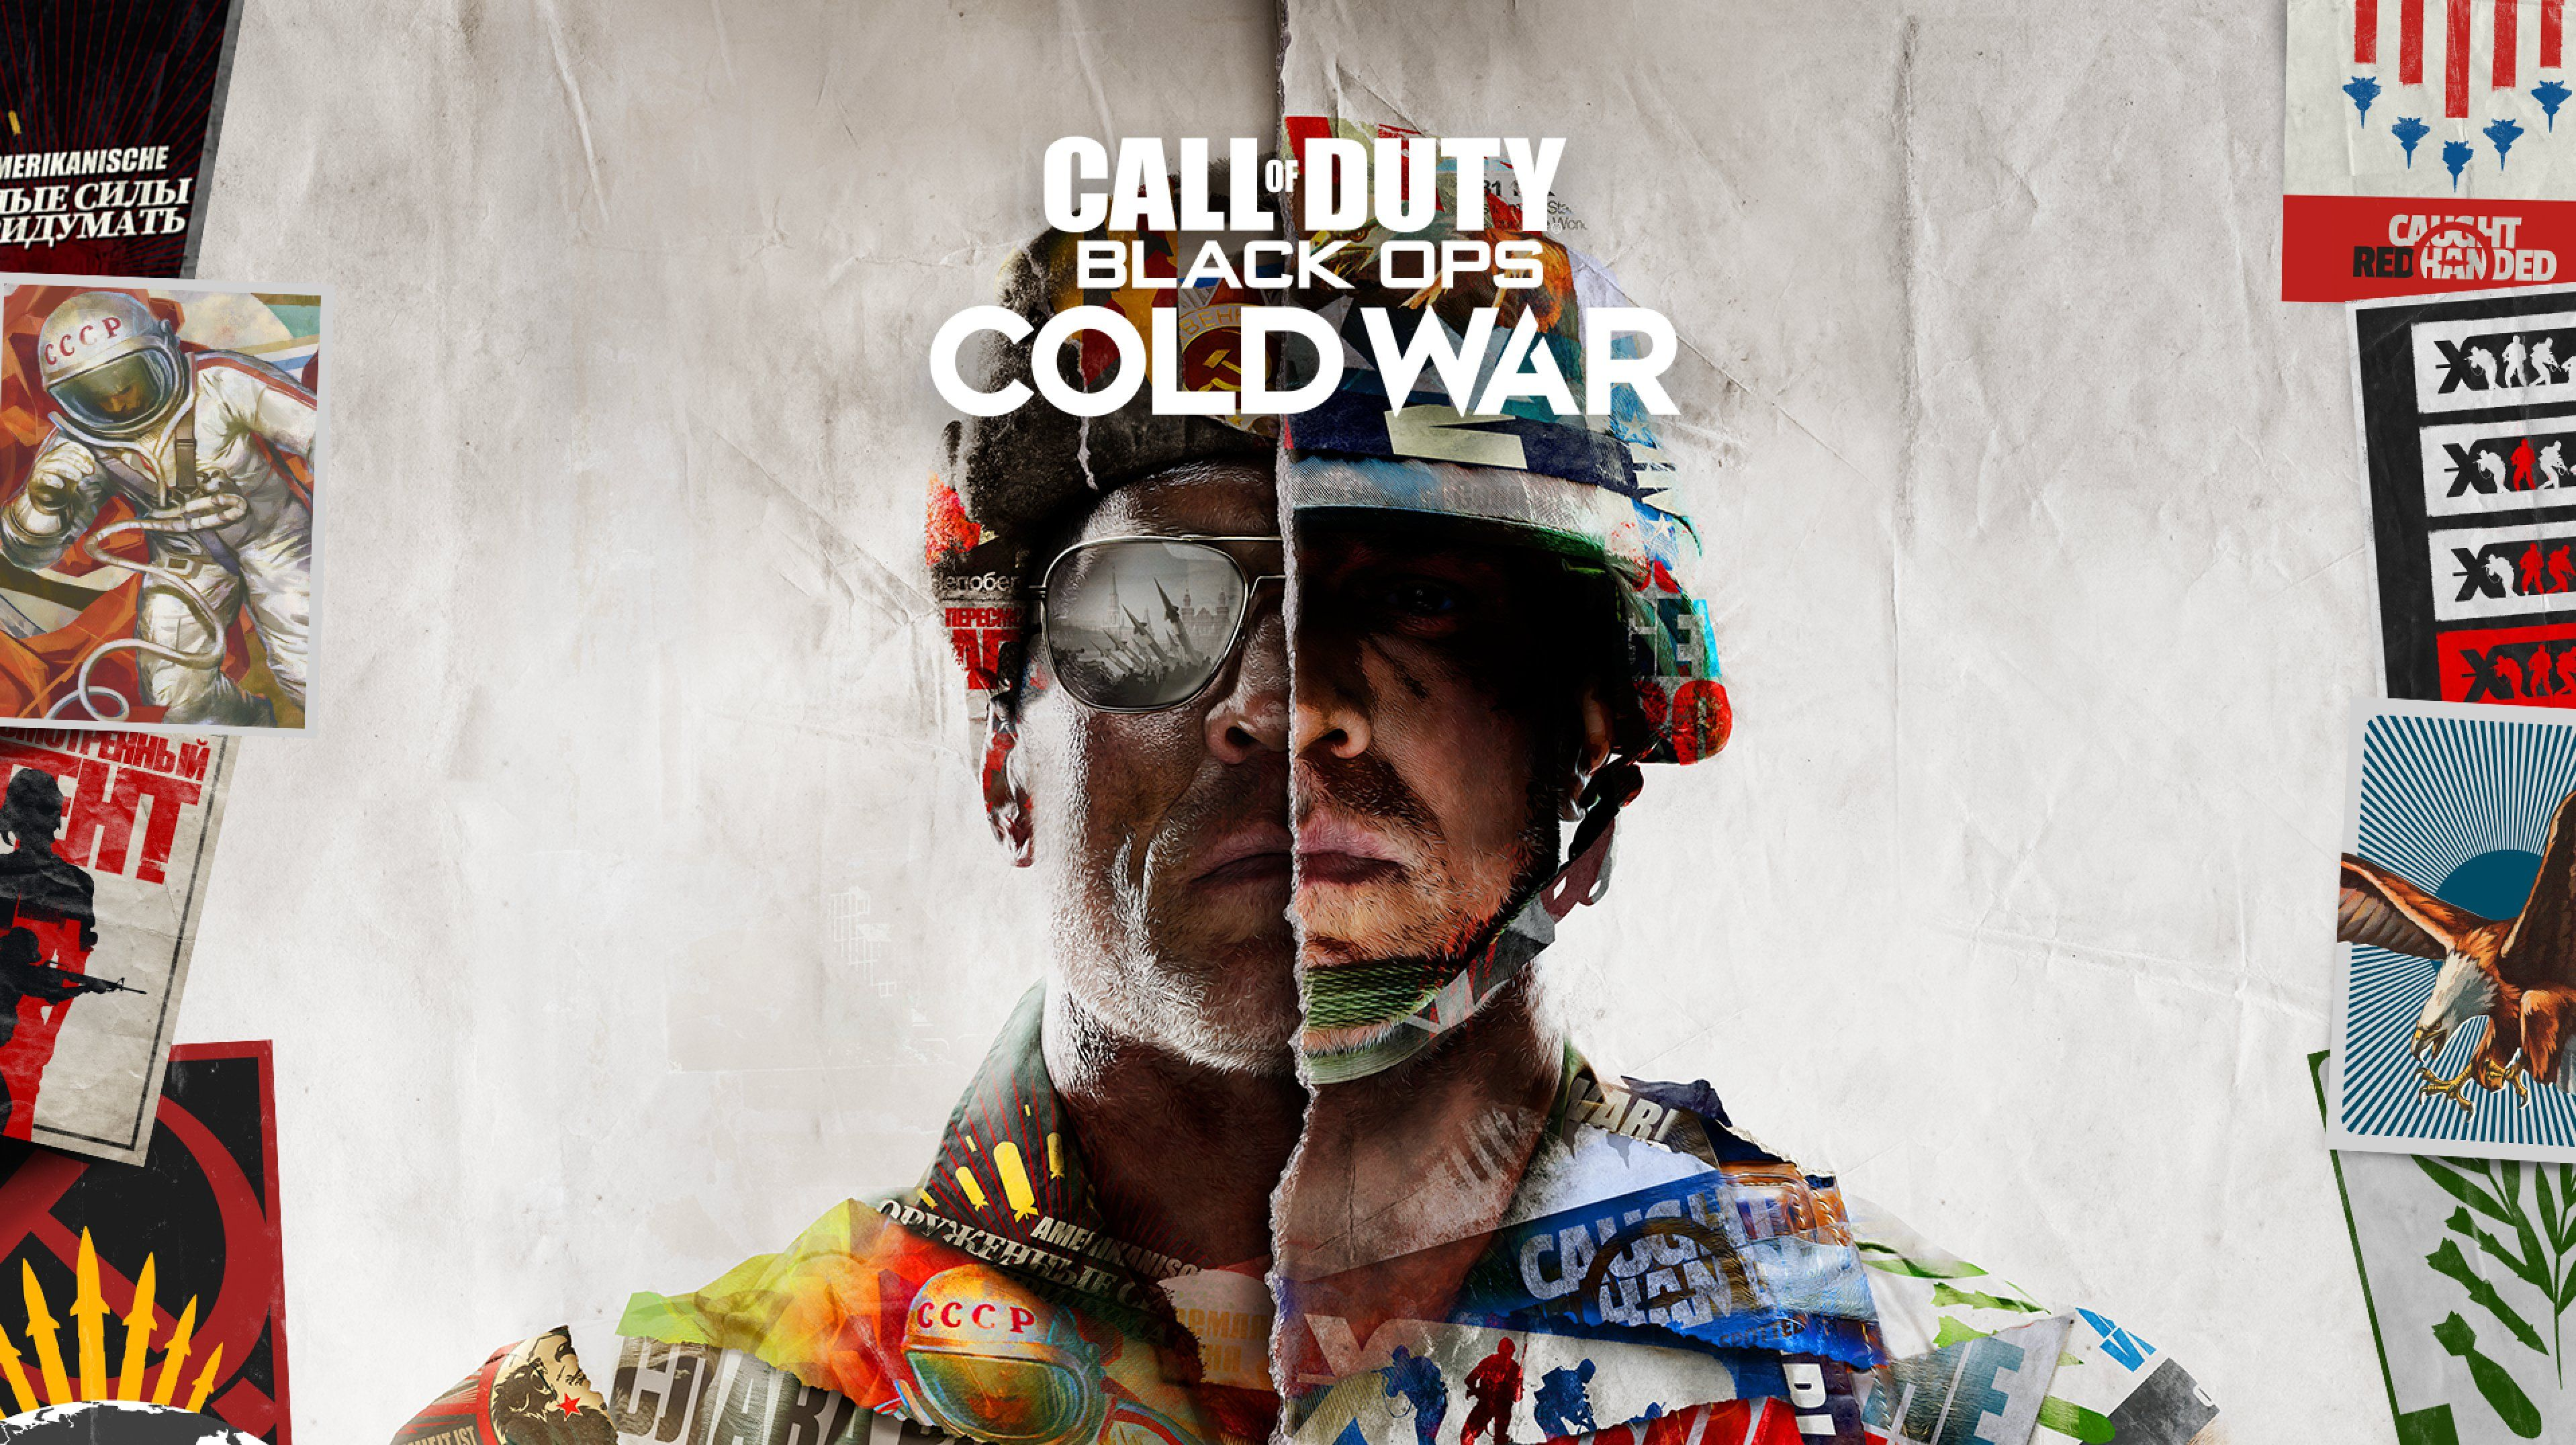 Sudah Rilis, Call Of Duty: Black Ops Cold War Hadirkan Kejutan Baru